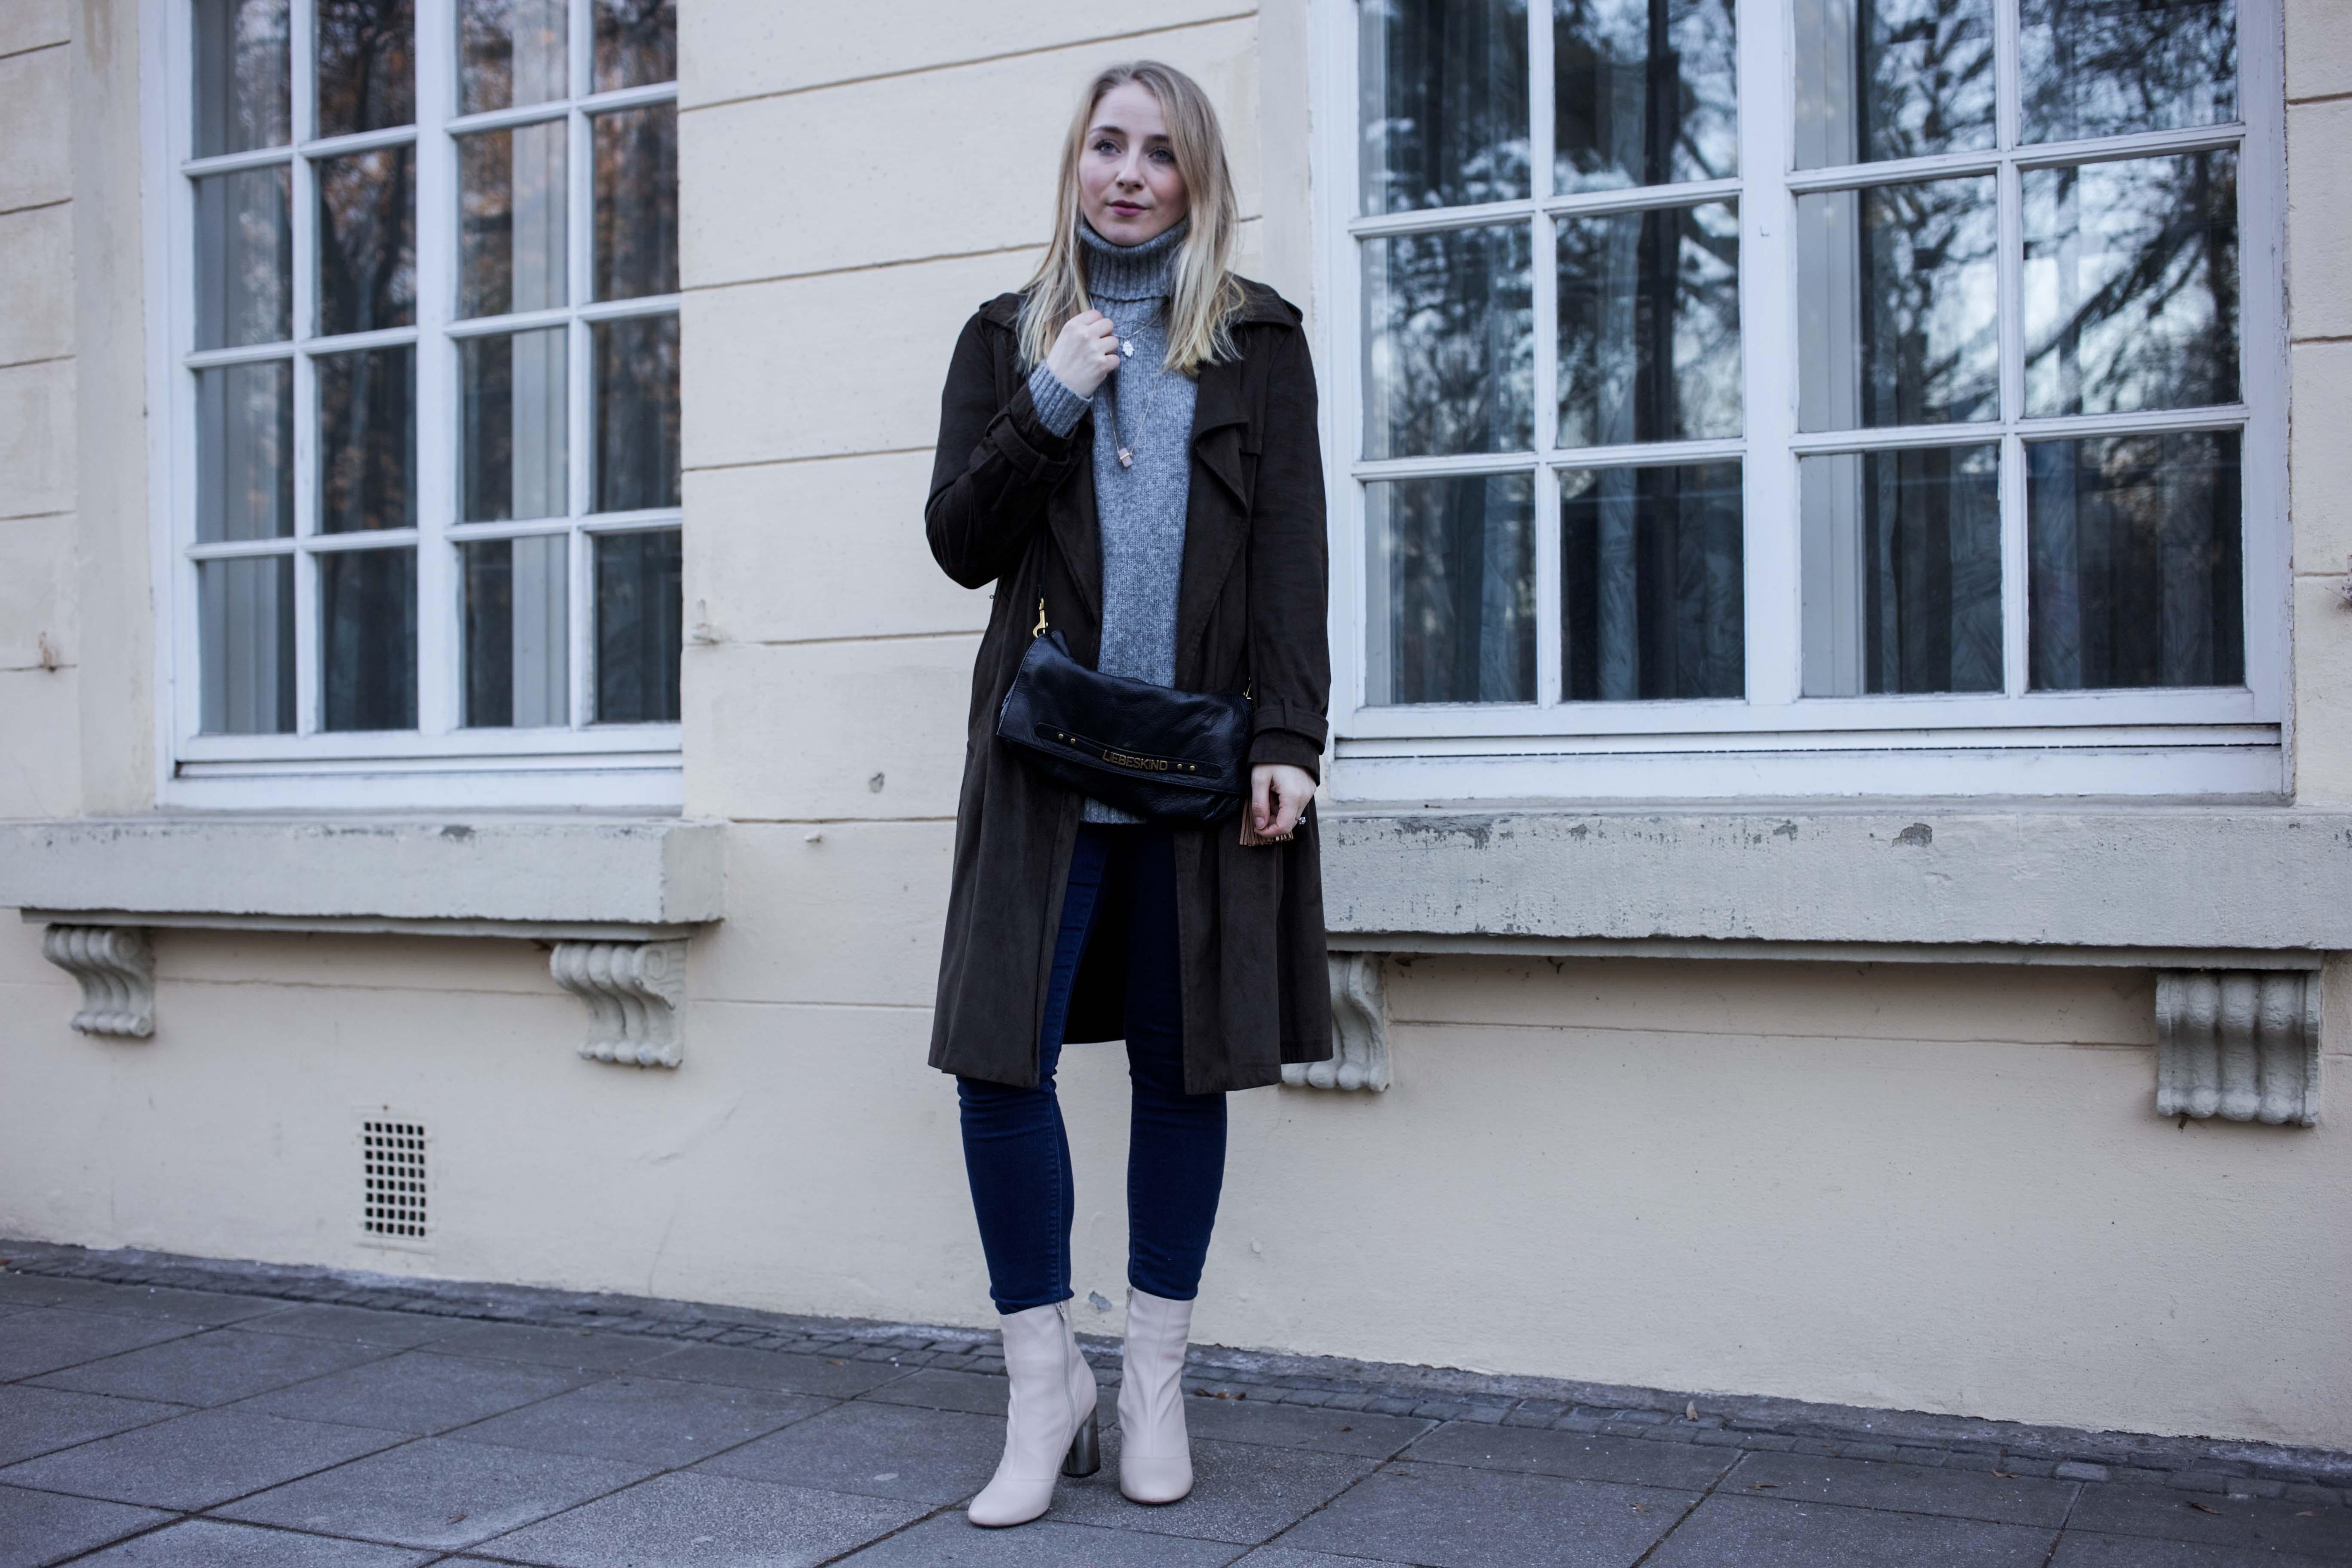 Turtleneck, Trench Coat, Lederstiefel mit Silberabsatz | Outfit